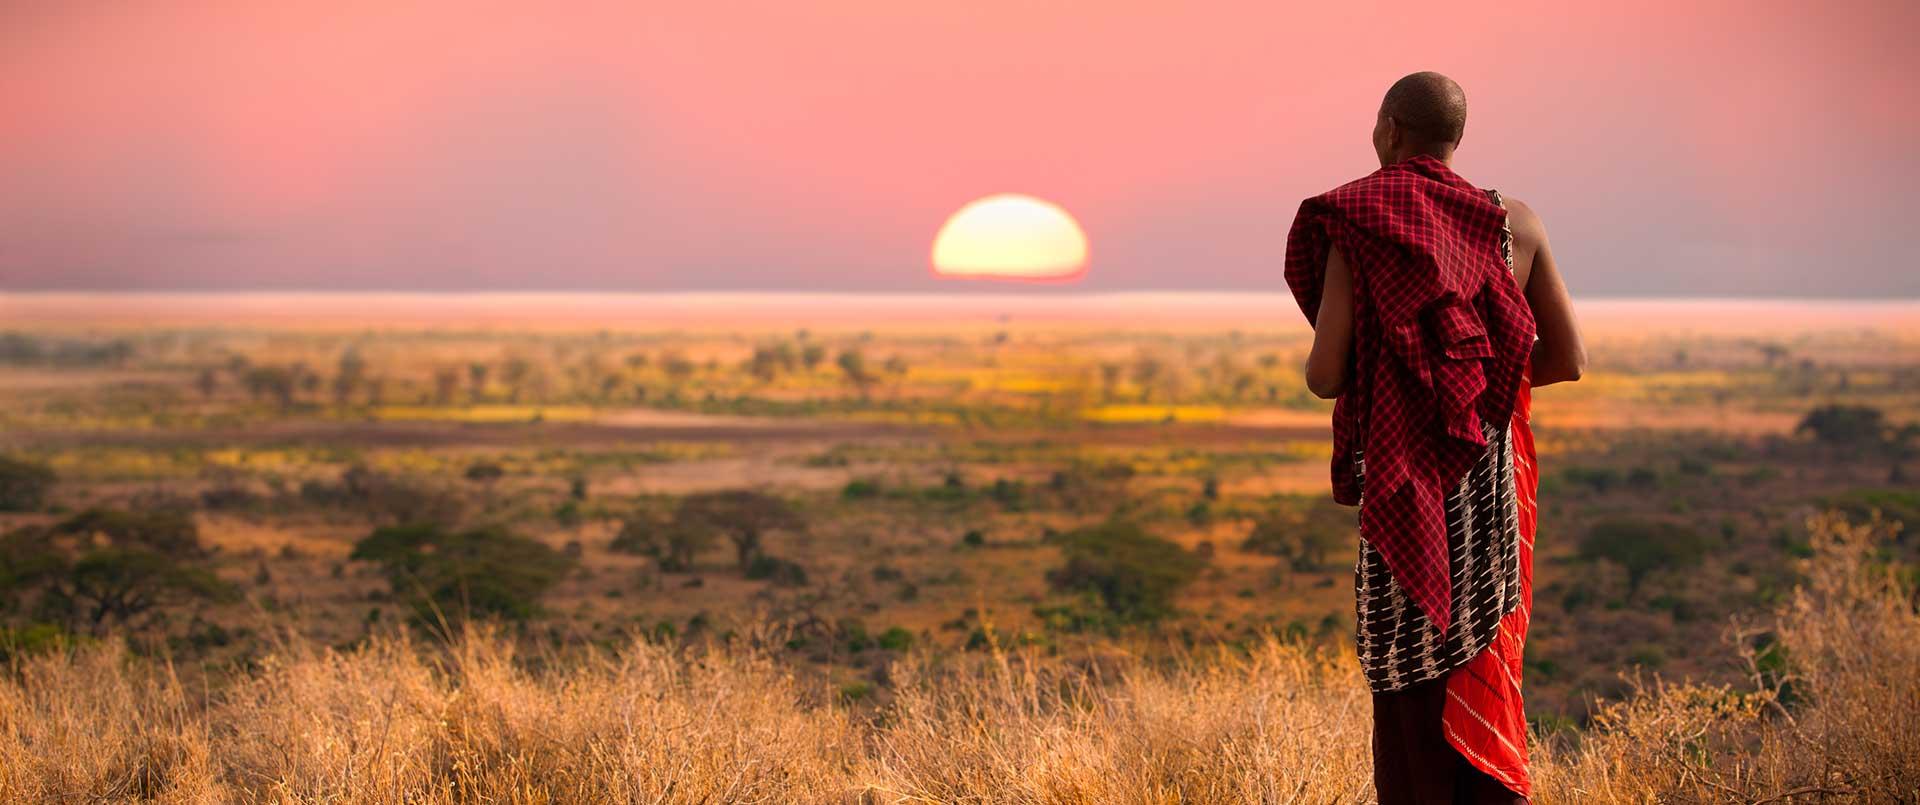 The Serengeti: Nduara Loliondo Camp & Lamai